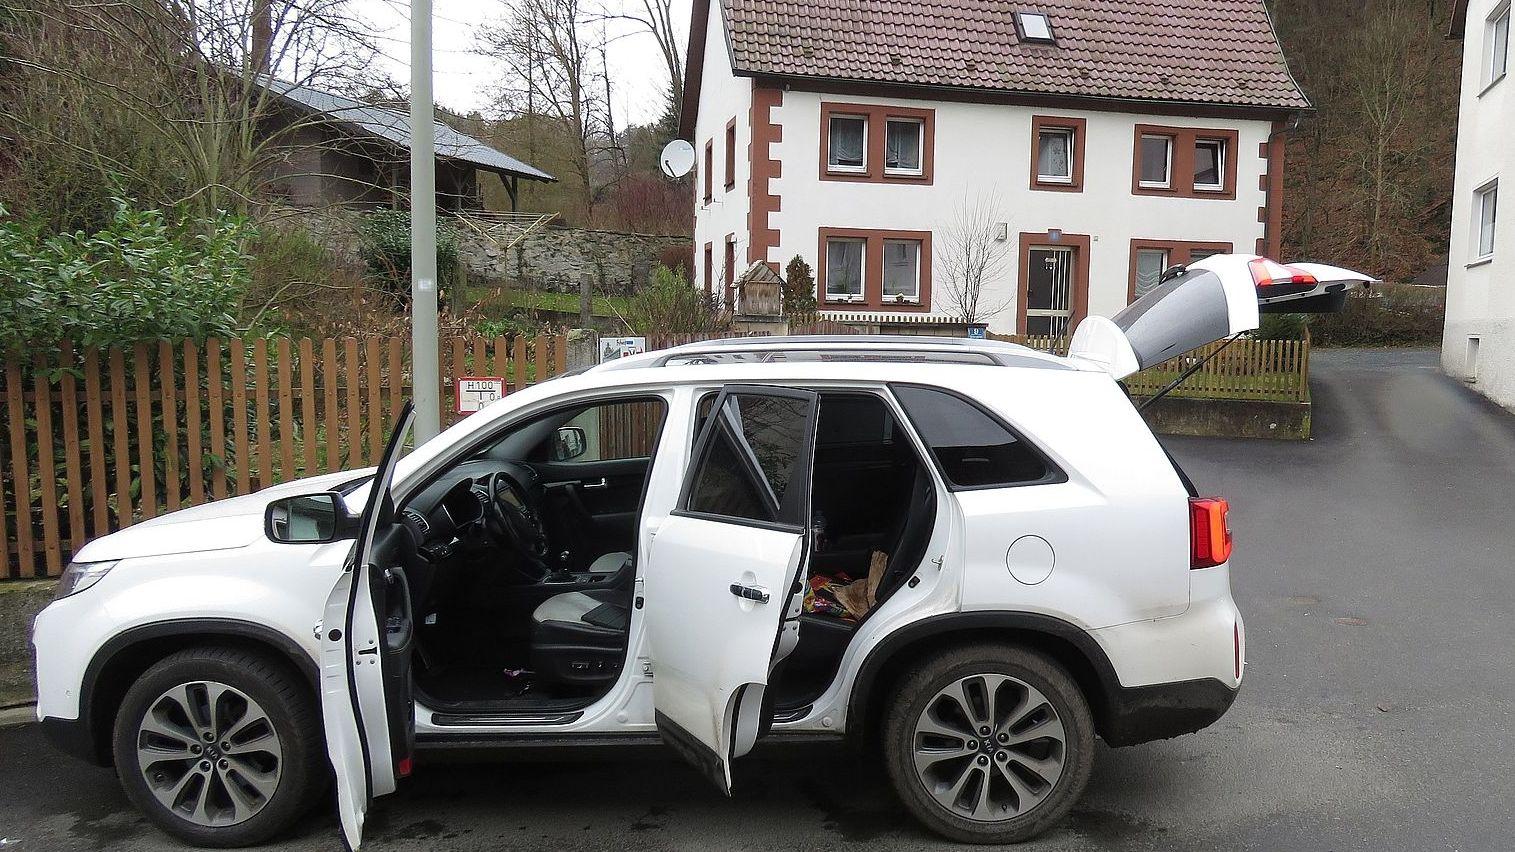 Fluchtfahrzeug in Wirsberg